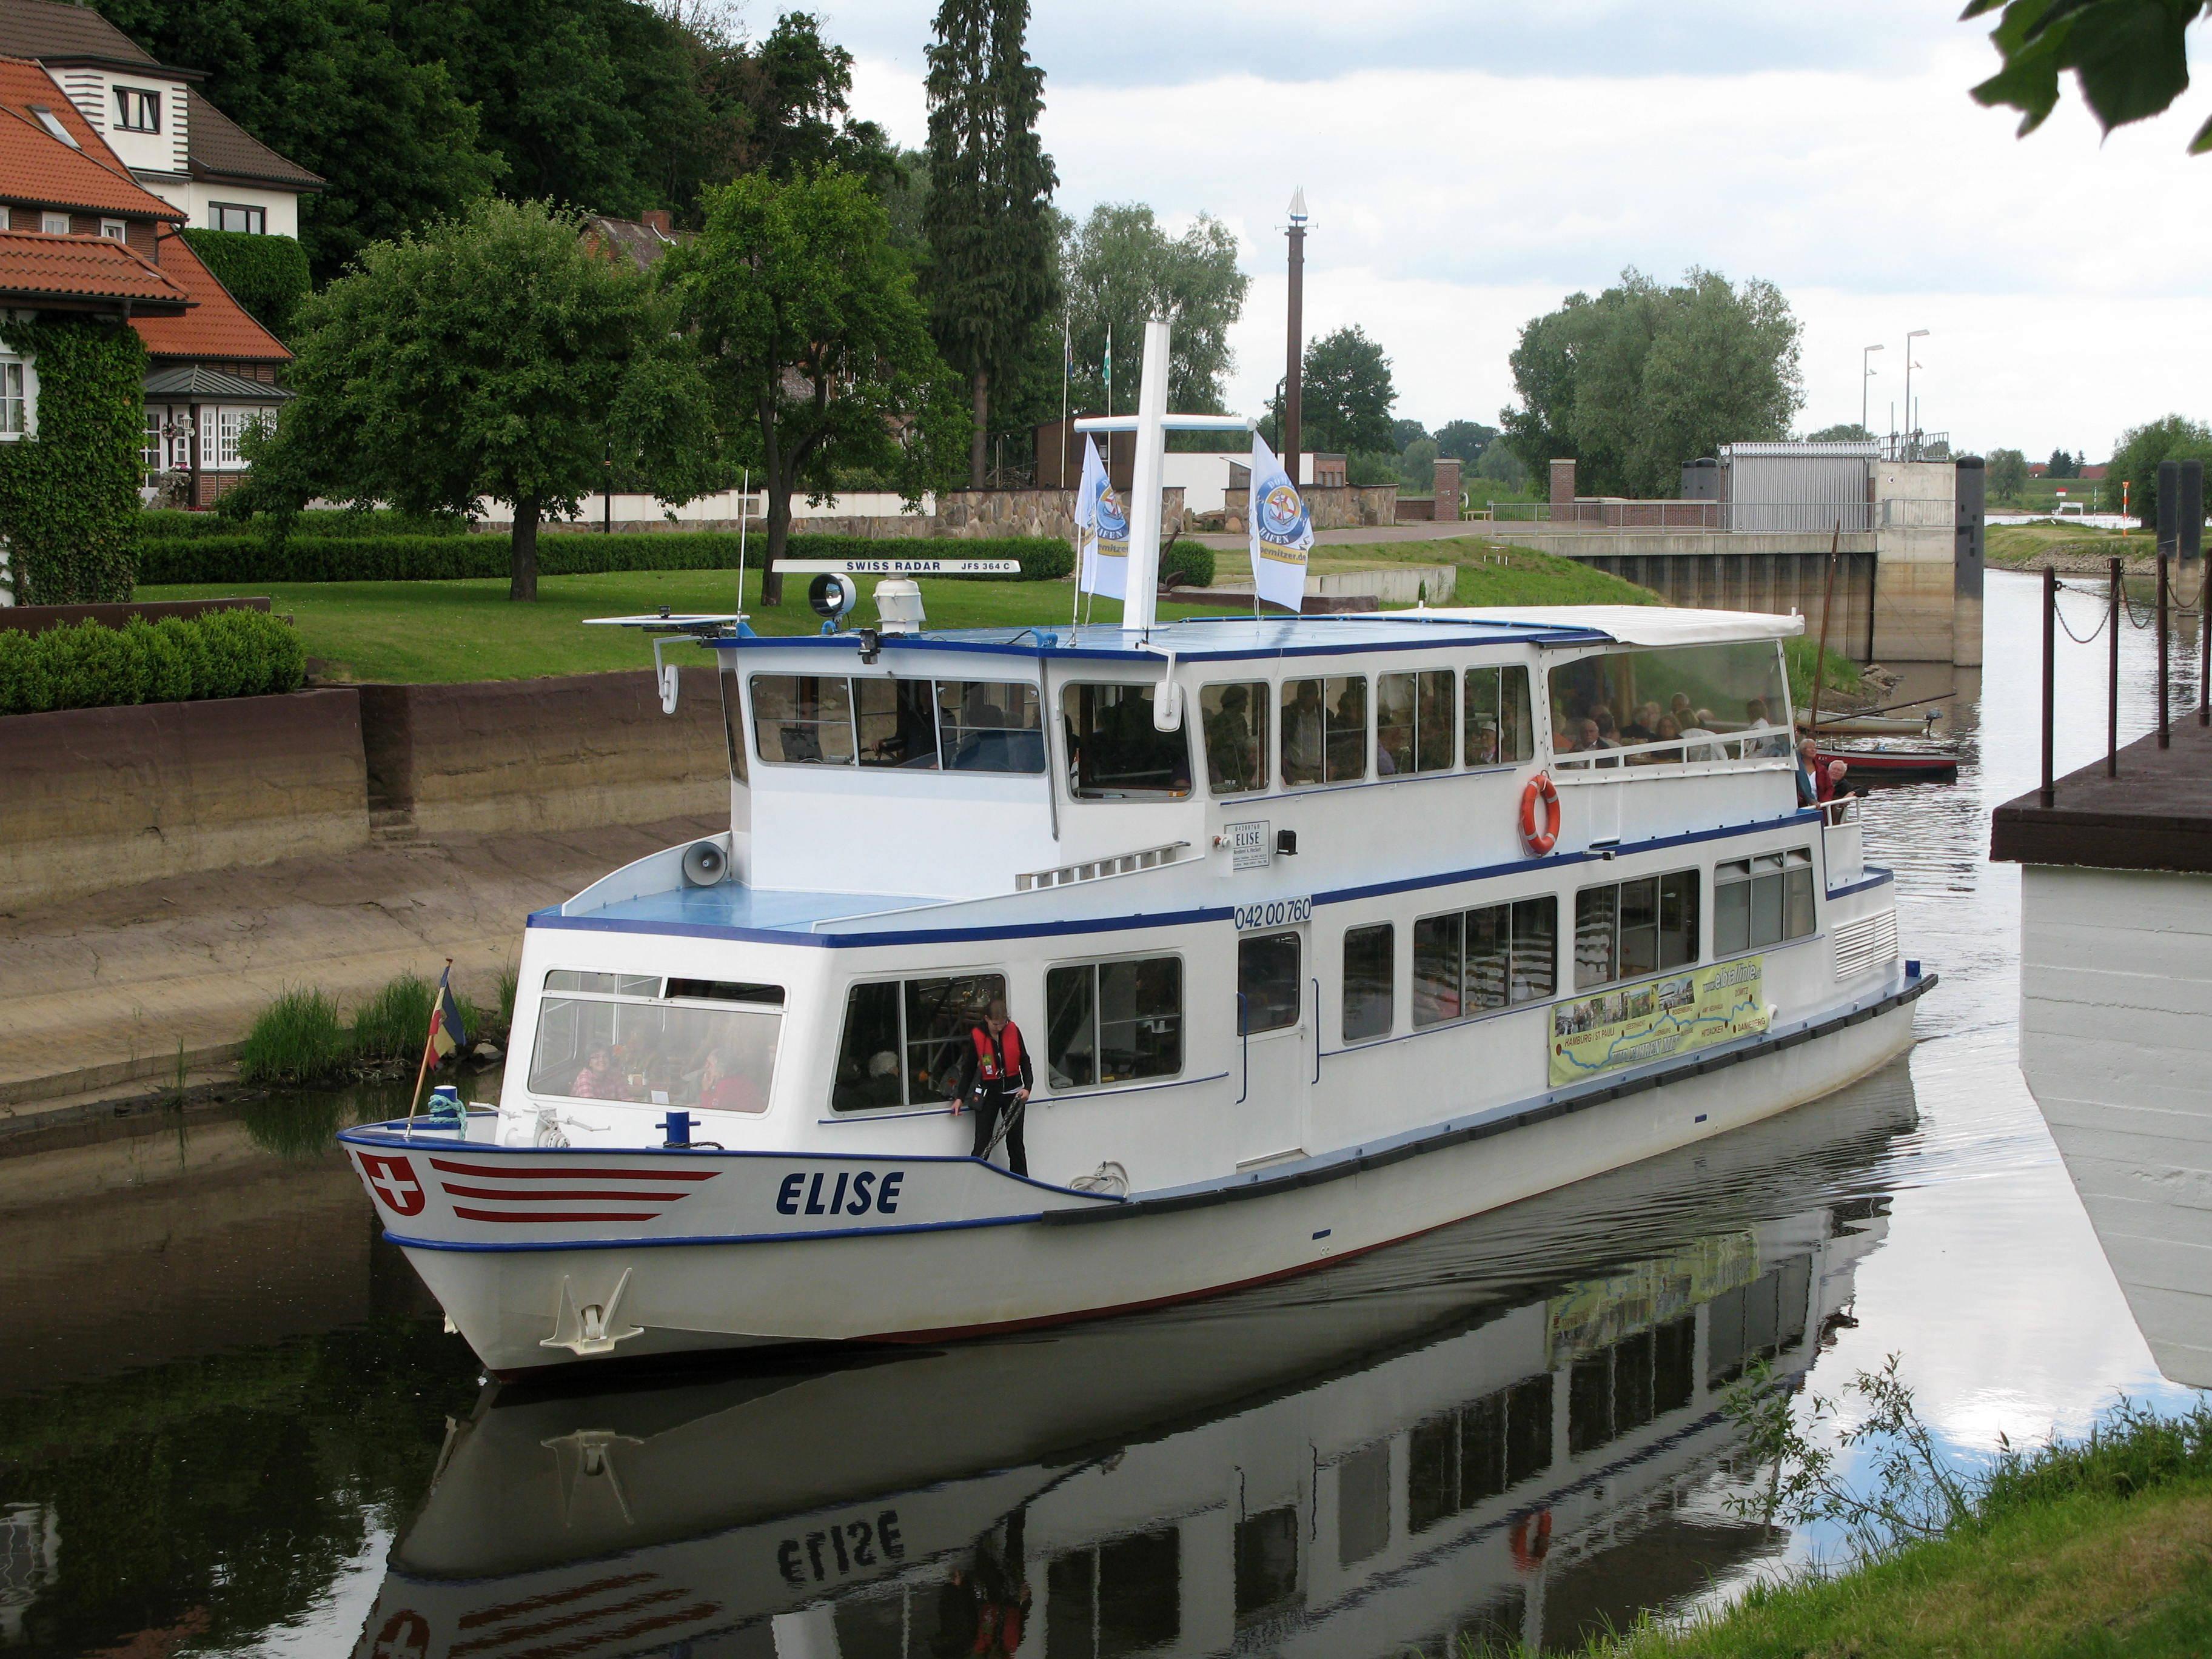 Elbrundfahrten mit der MS Elise & MS Hecht - Reederei Andreas Heckert